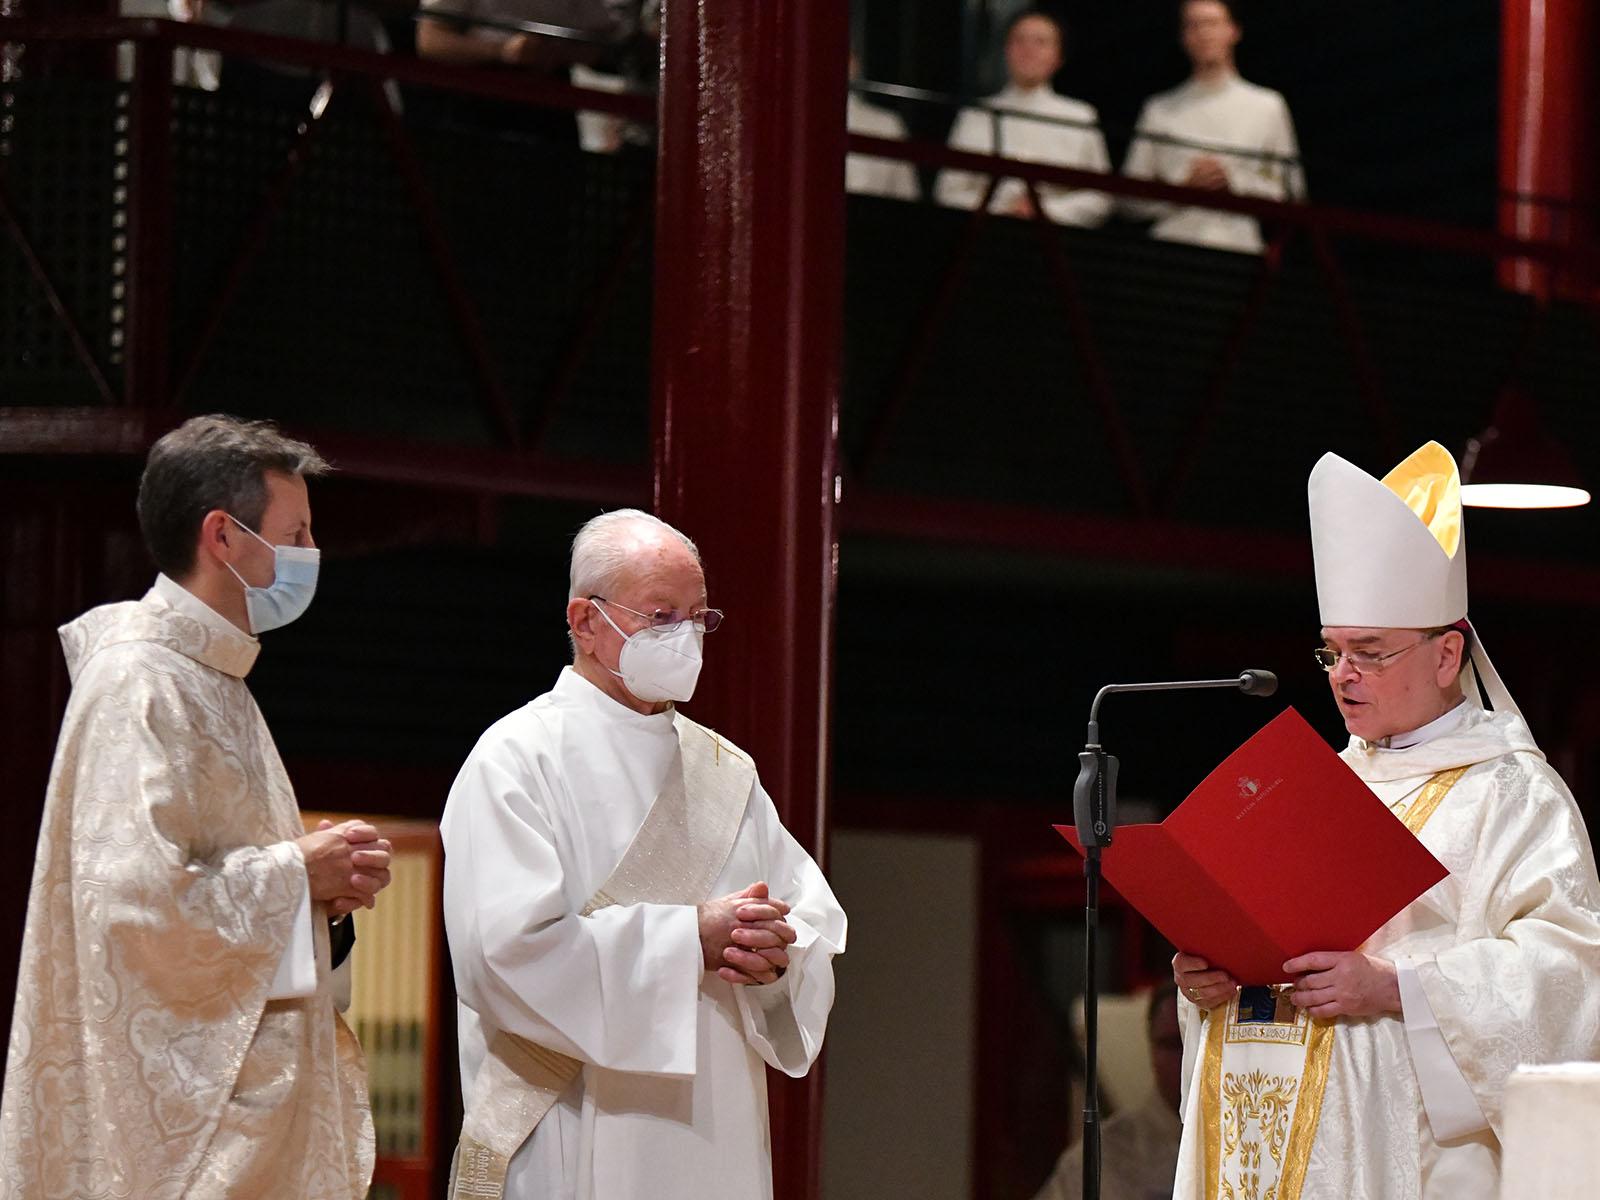 Bischof Bertram verliest das Ernennungsdekret.